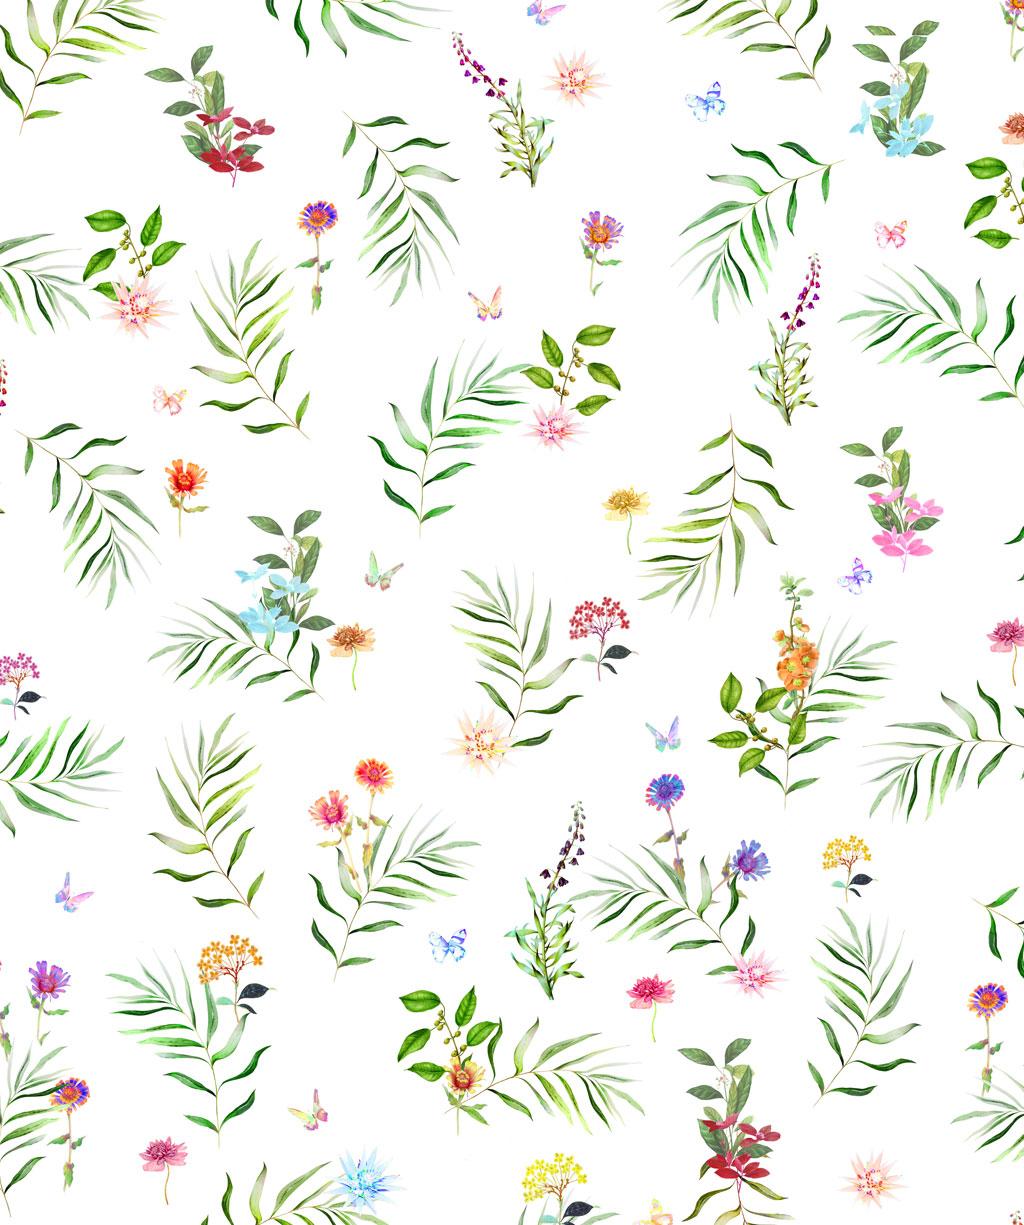 Plaid als Tagesdecke, Vorhang oder Tischdecke mit bunten Blumen